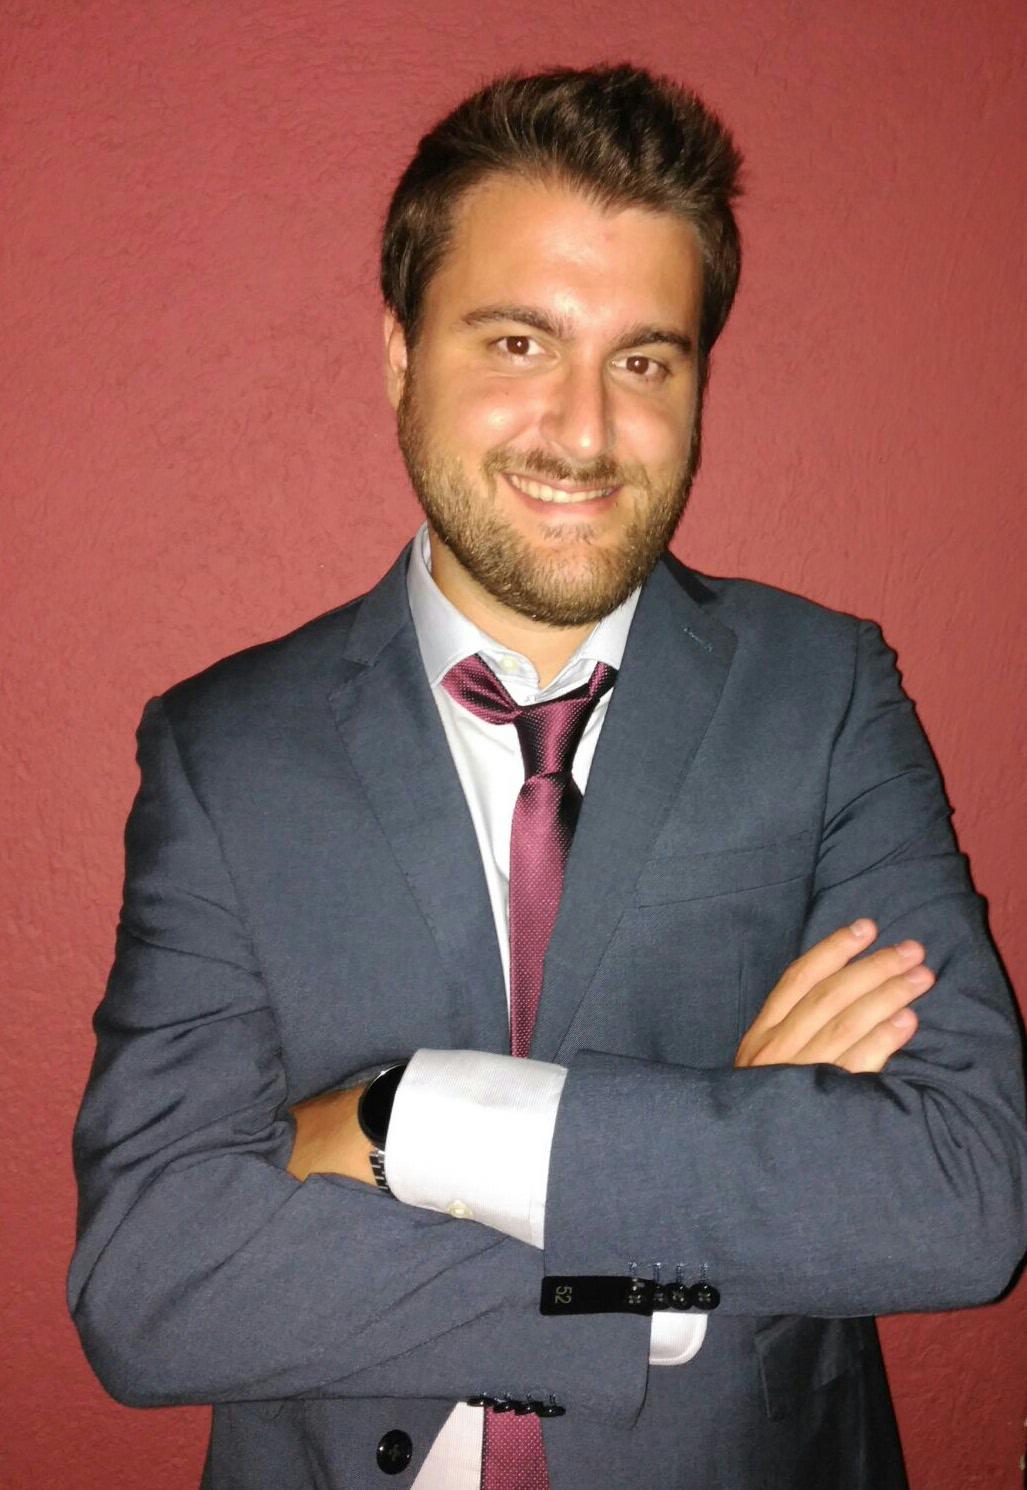 Carles Foz Vidal